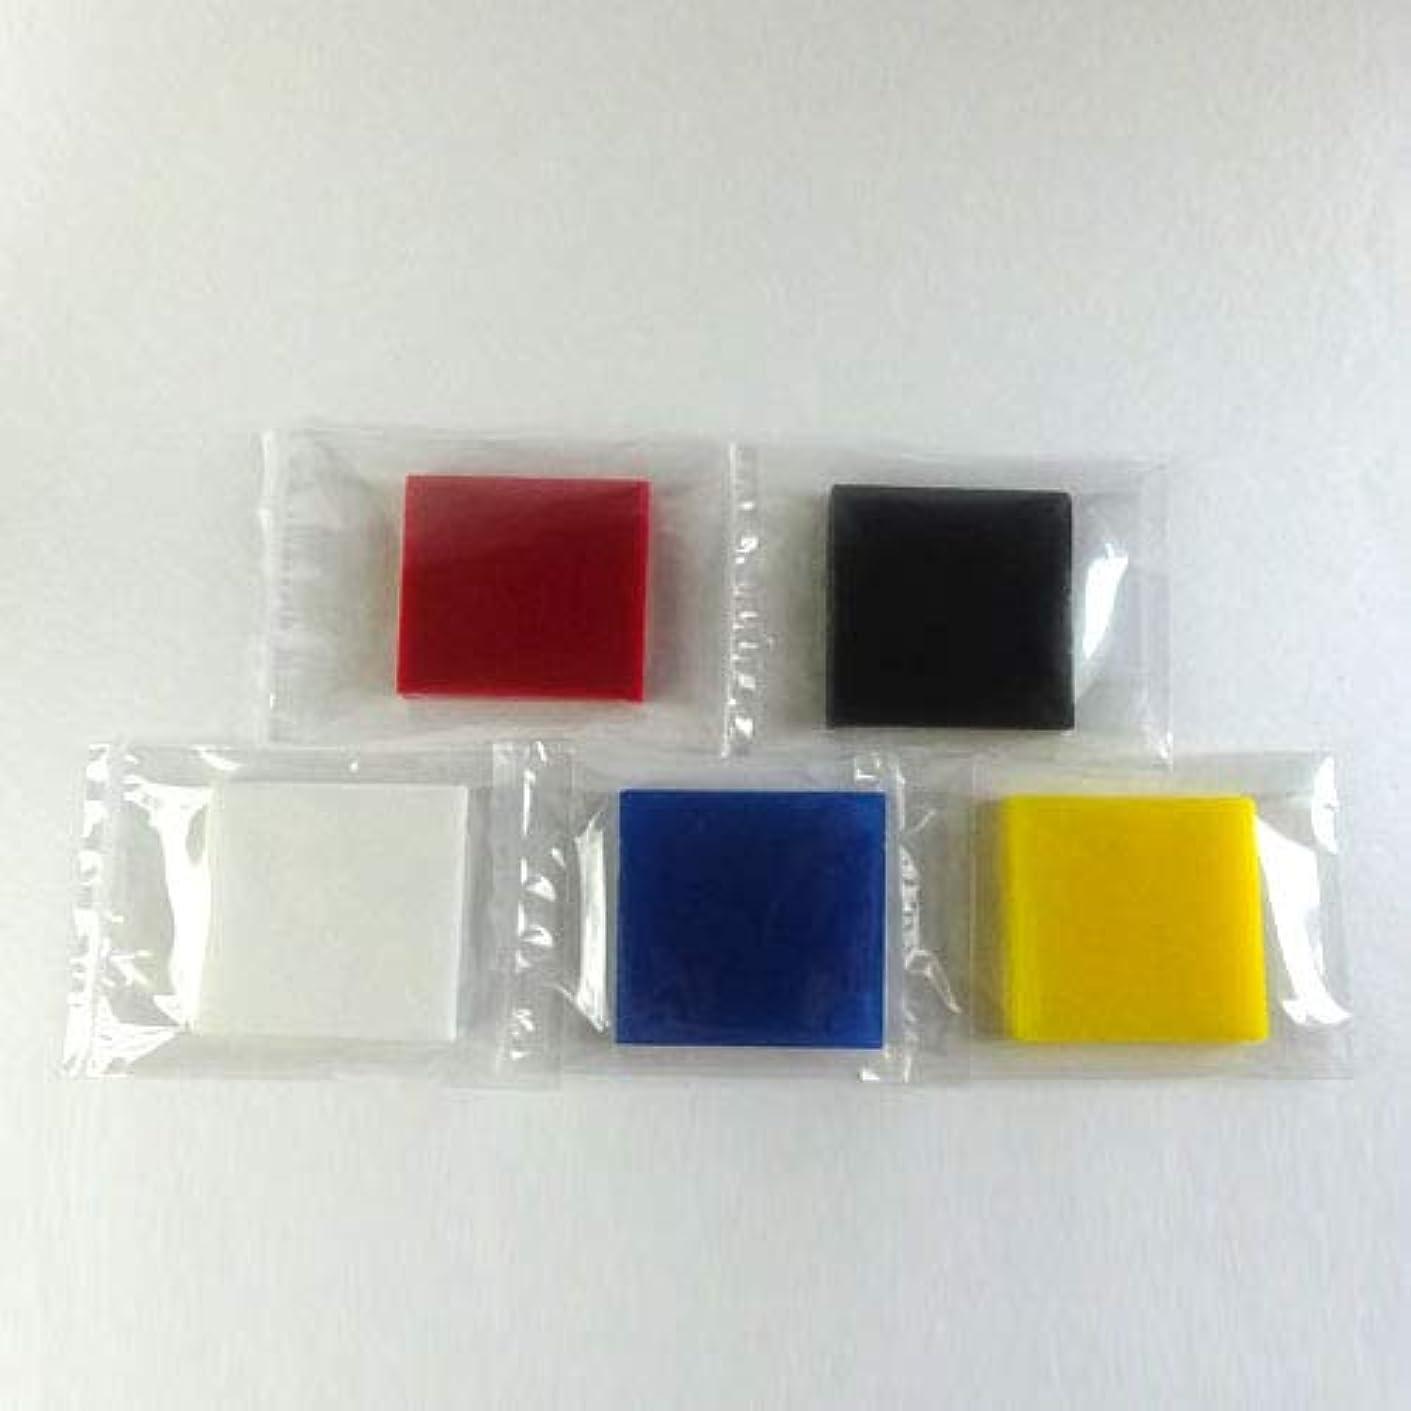 爆発普遍的な構造グリセリンソープ MPソープ 色チップ 5色(赤?青?黄?白?黒) 各60g(30g x 2pc)